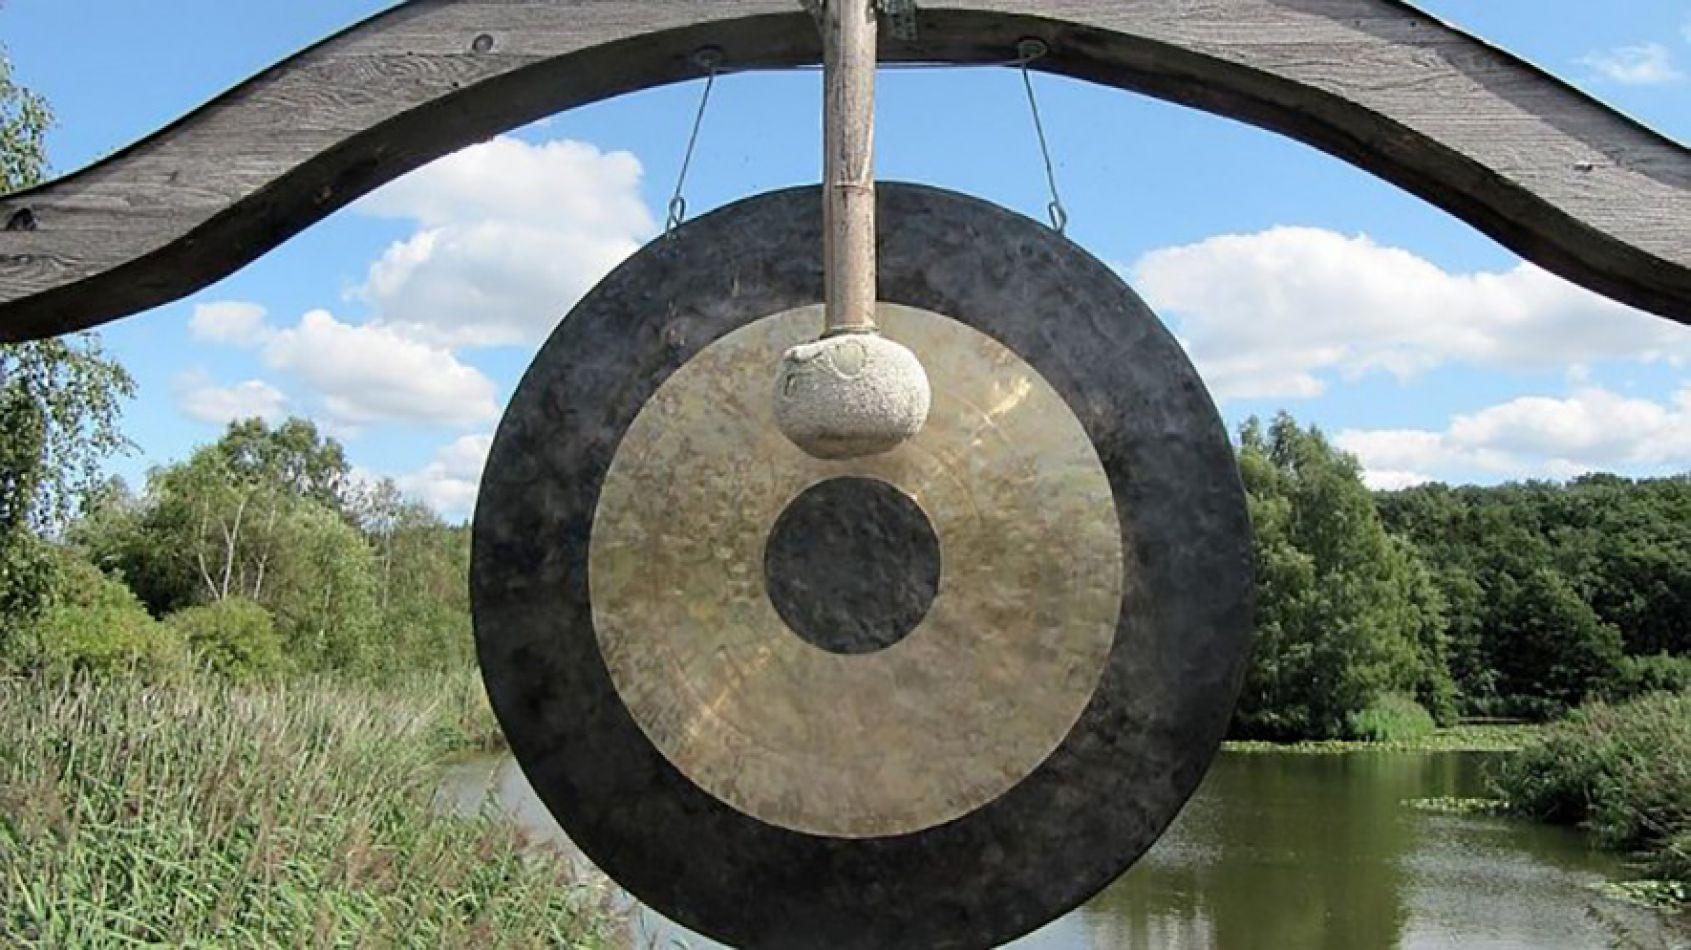 Los gong son antiguos instrumentos del sureste asiático capaces de producir vibraciones que generan una energía grupal que relaja y quita los dolores